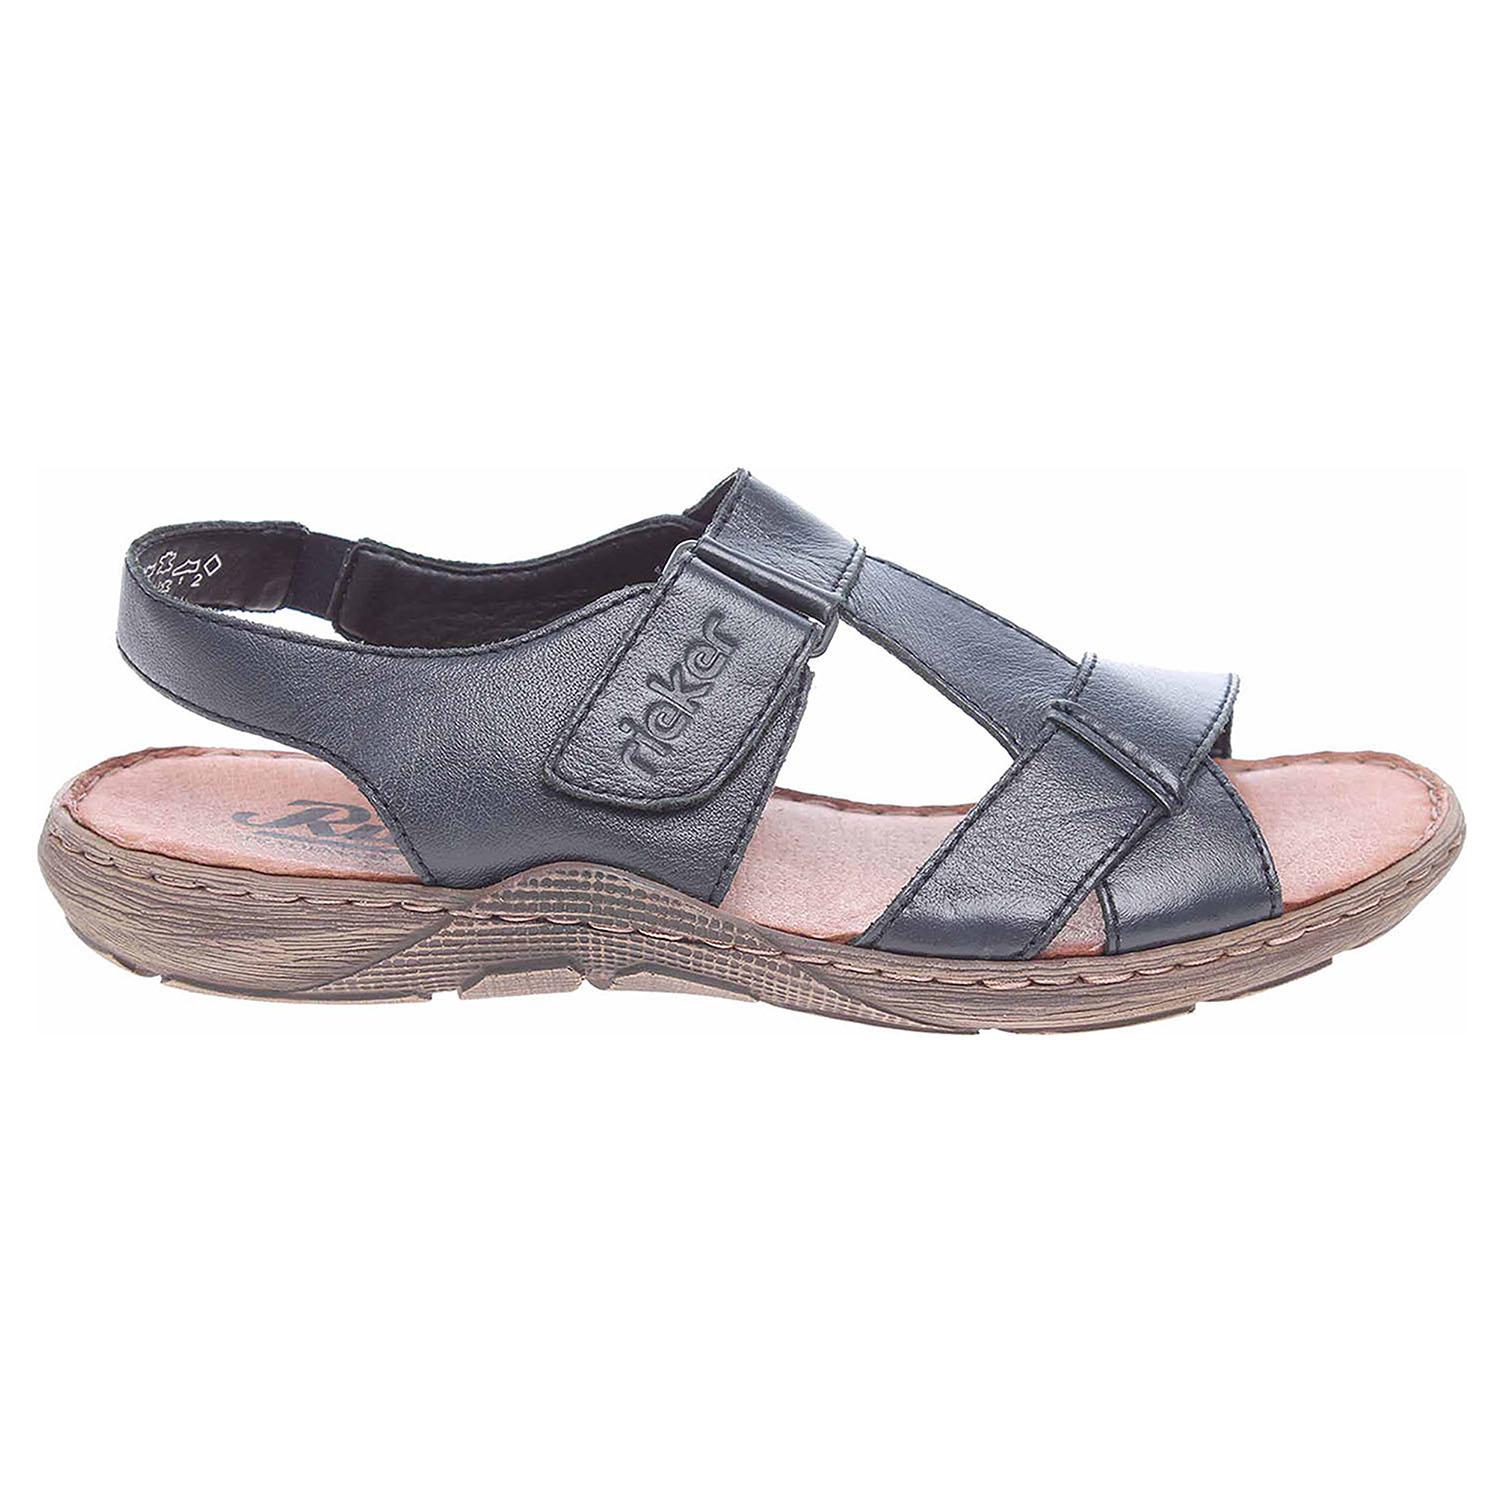 Ecco Rieker pánské sandály 22053-14 blau 24700261 5a19213069